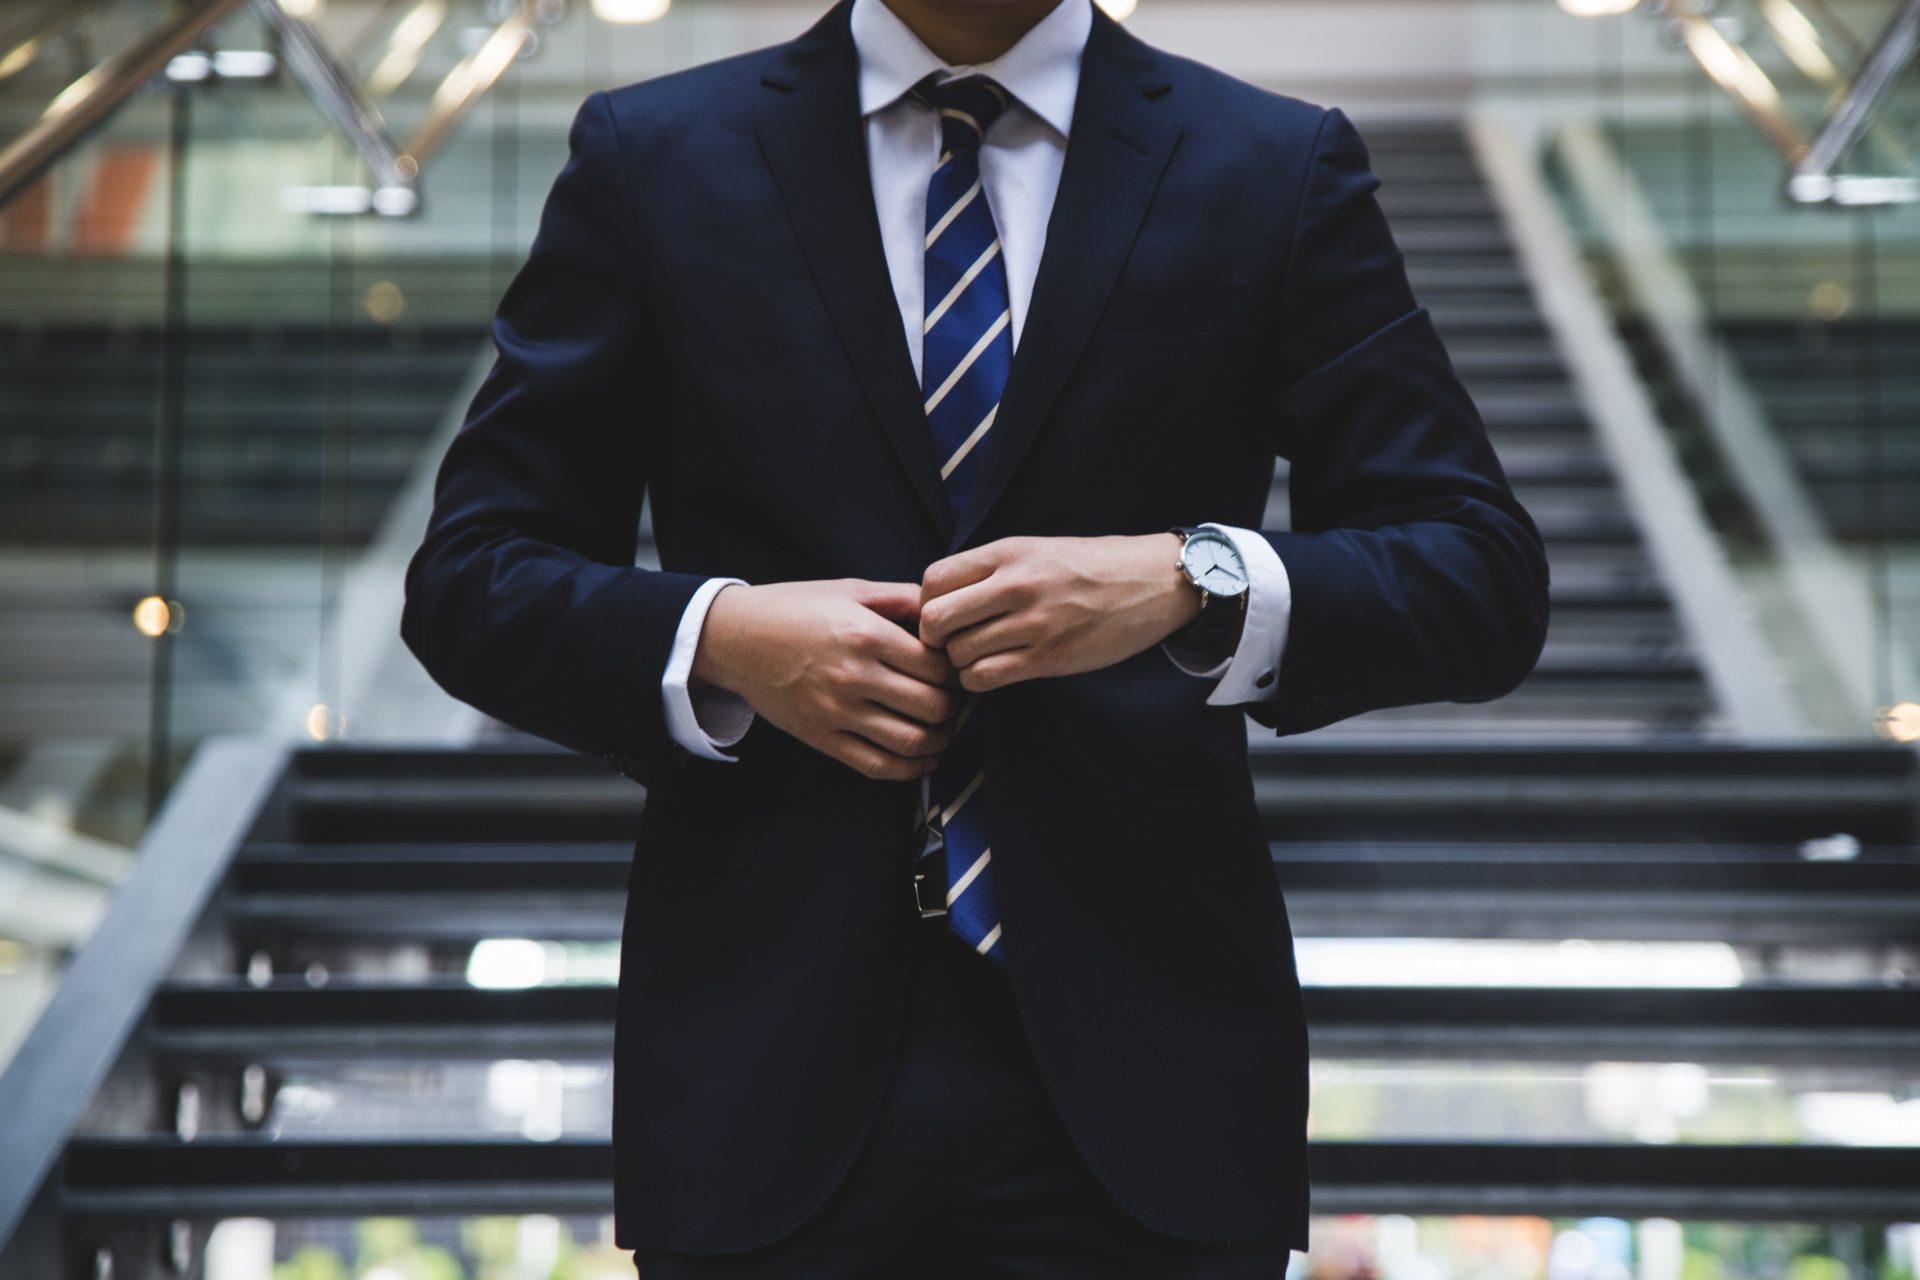 5 erfolgreiche Looks für ein blaues Sakko im Business oder